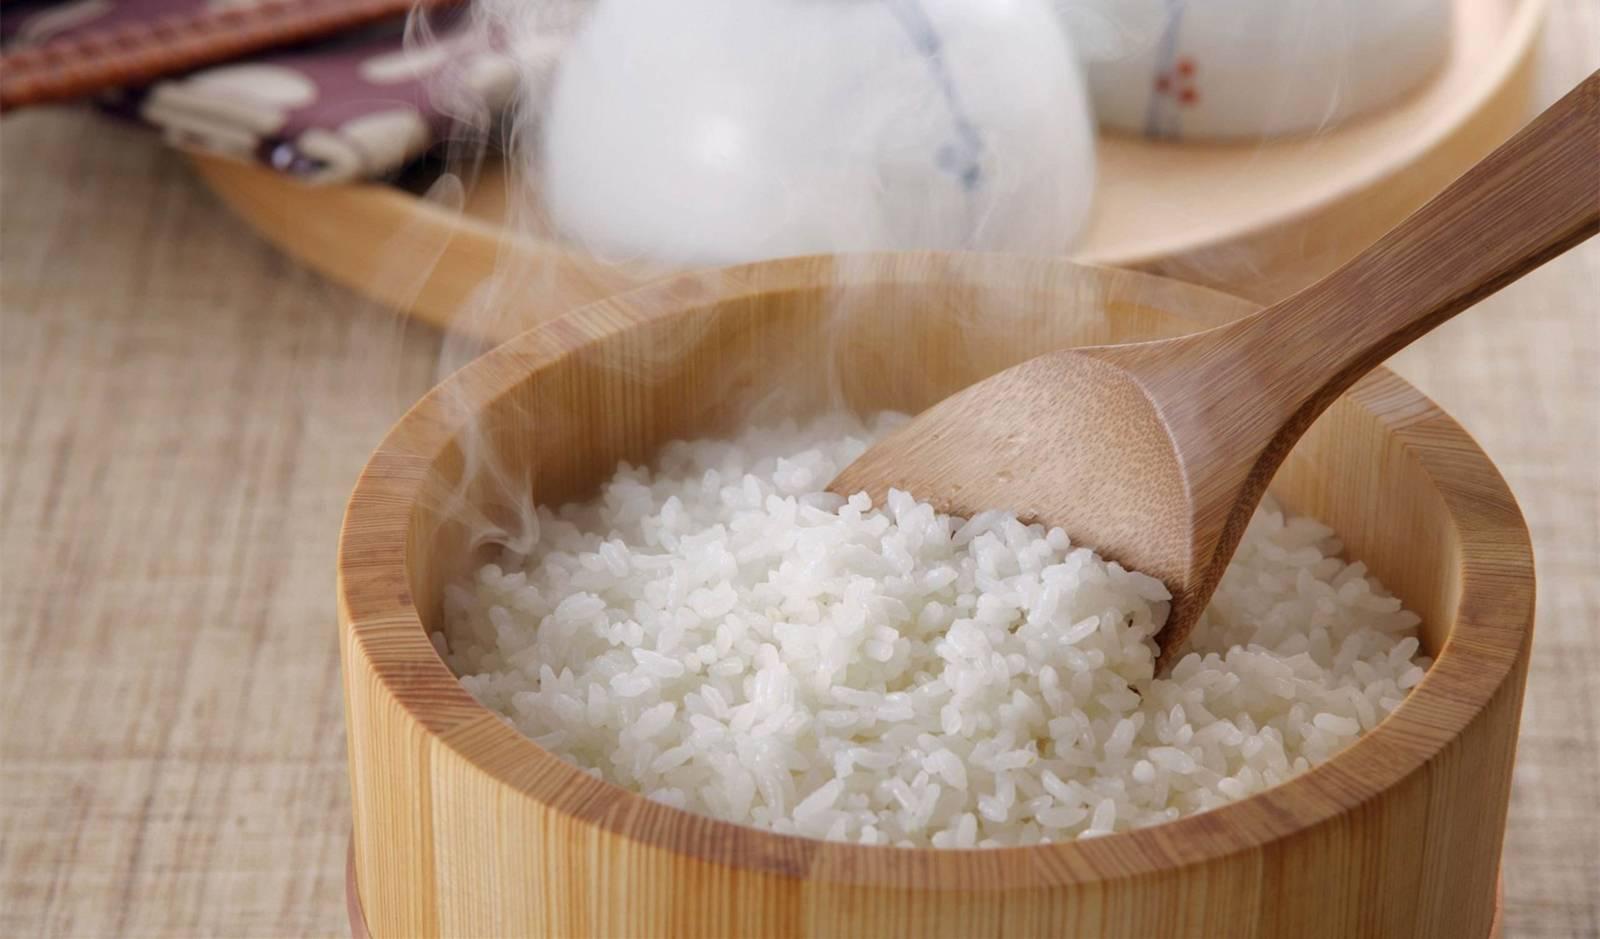 为什么减肥时要吃多点米饭呢?因为你不吃米饭,可能会胖